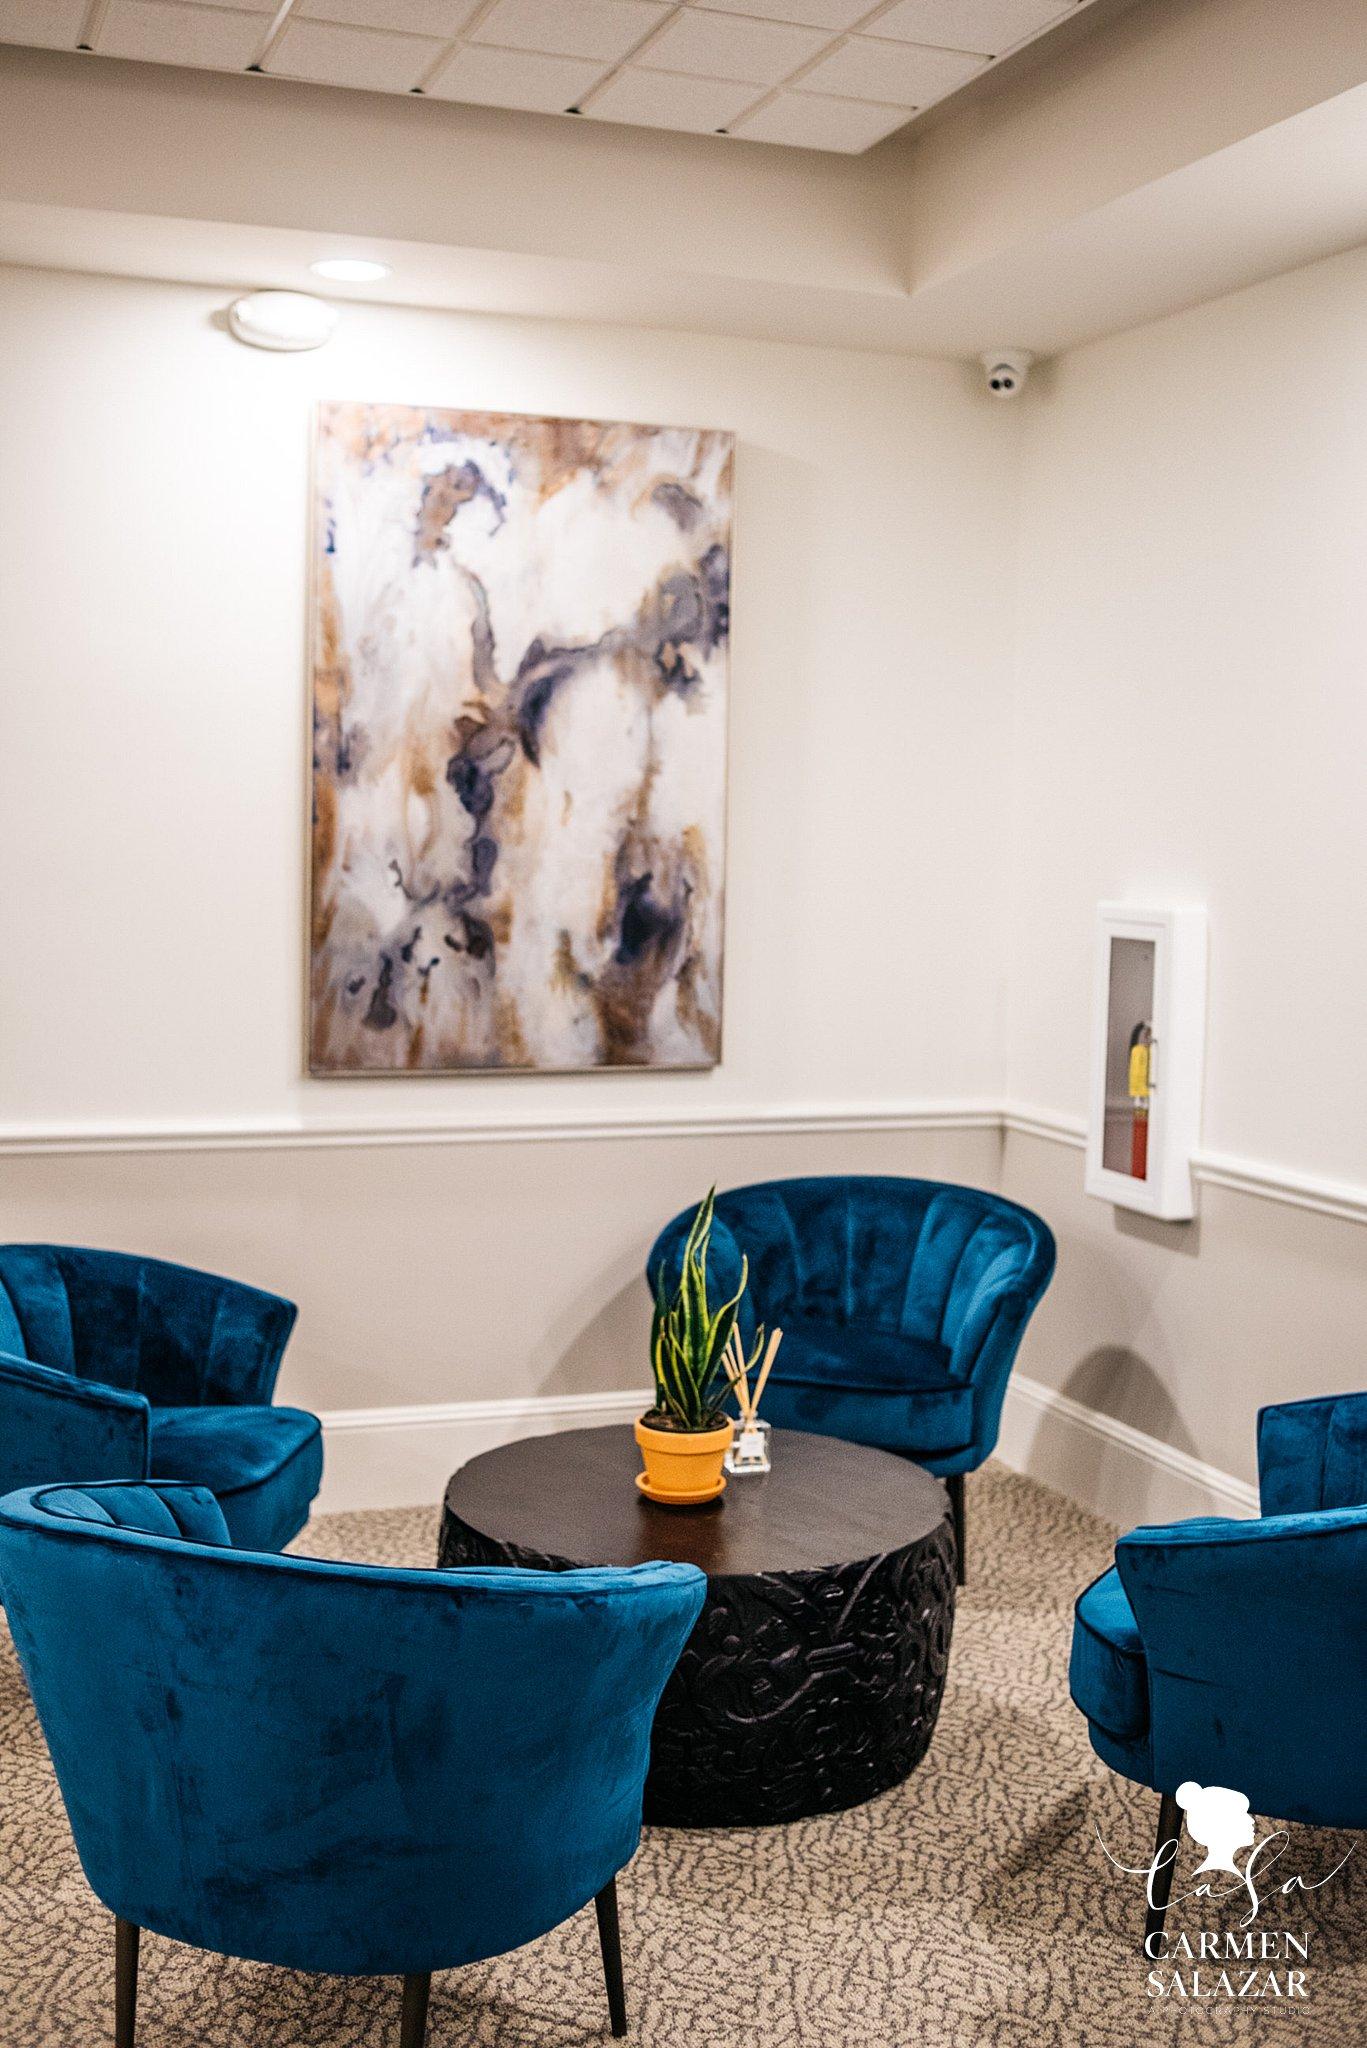 Hotel with modern interior design